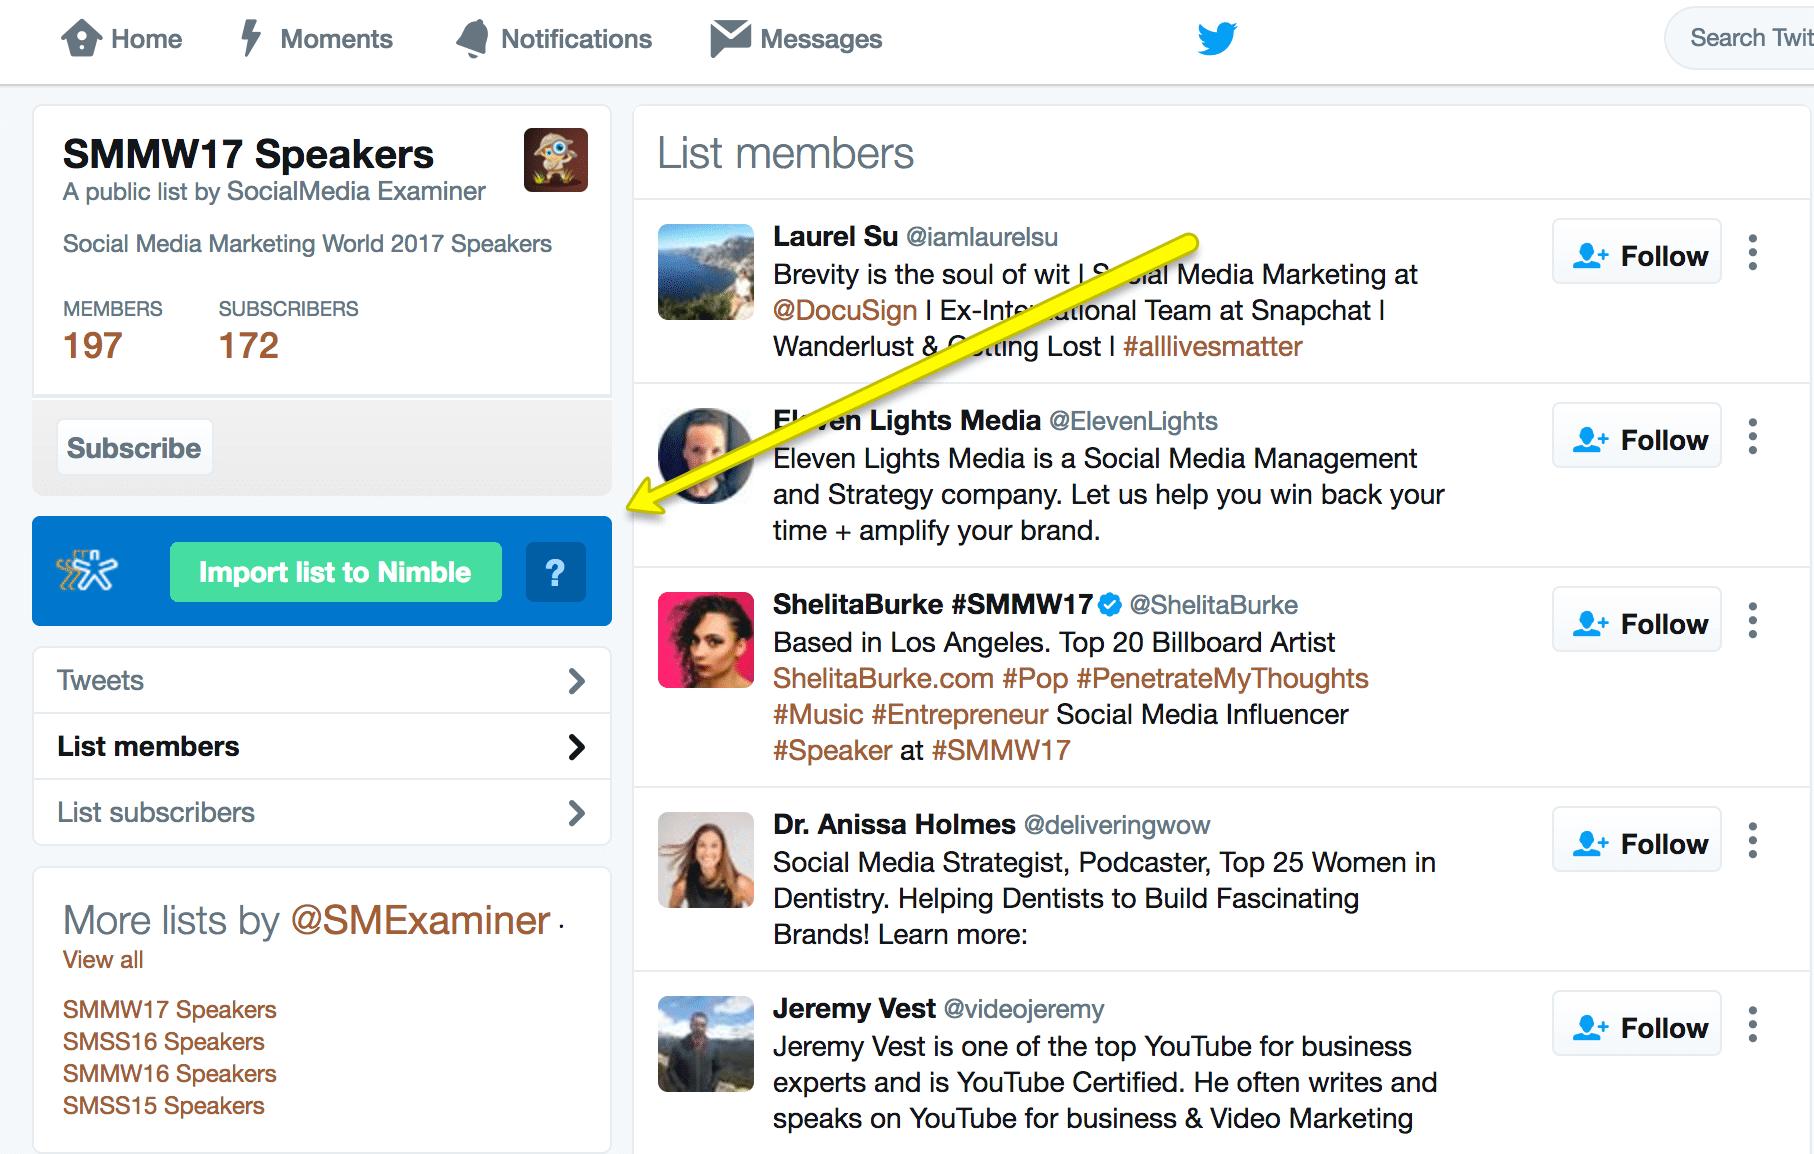 Twitter List - SMMW17